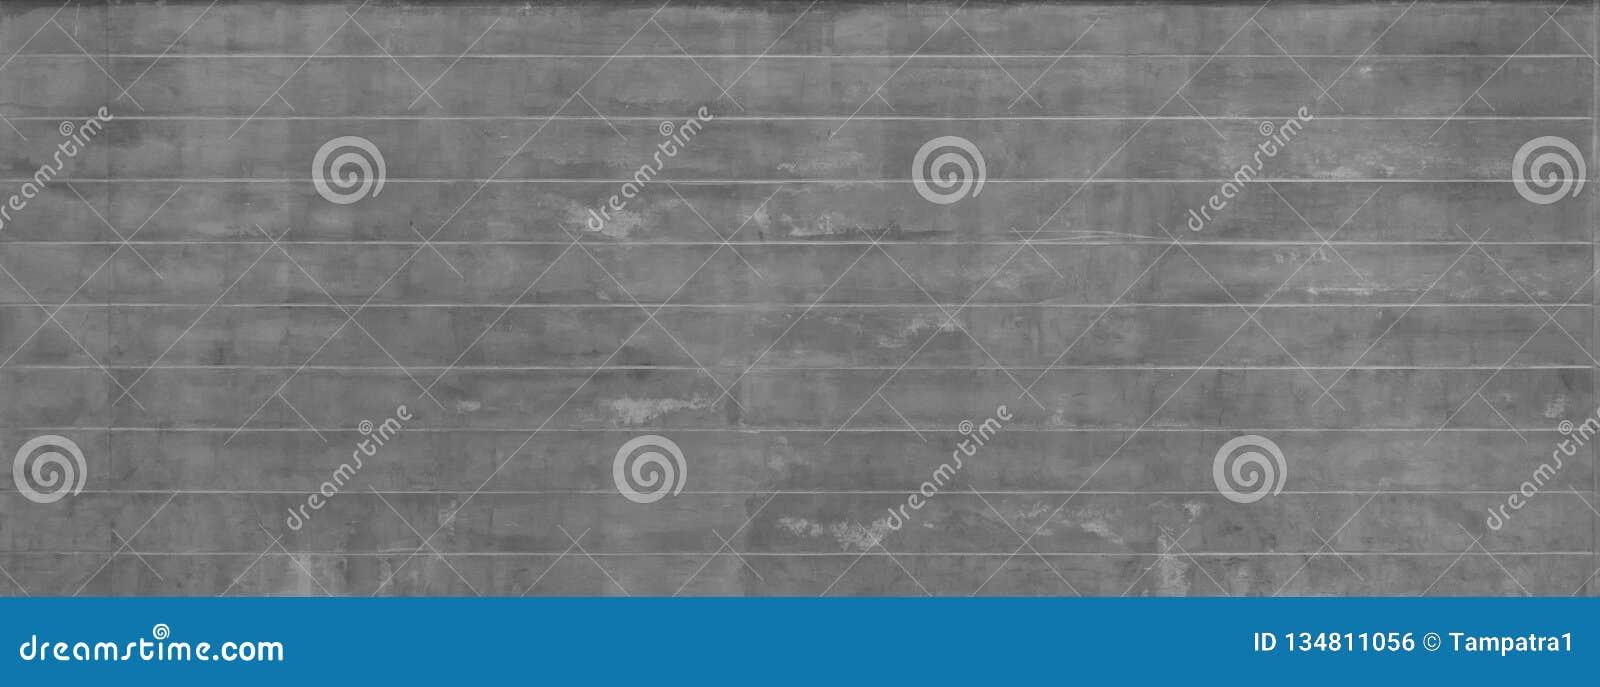 Mur rayé de ciment concret gris rugueux ou parqueter la texture de surface de modèle Plan rapproché de matériel extérieur pour la